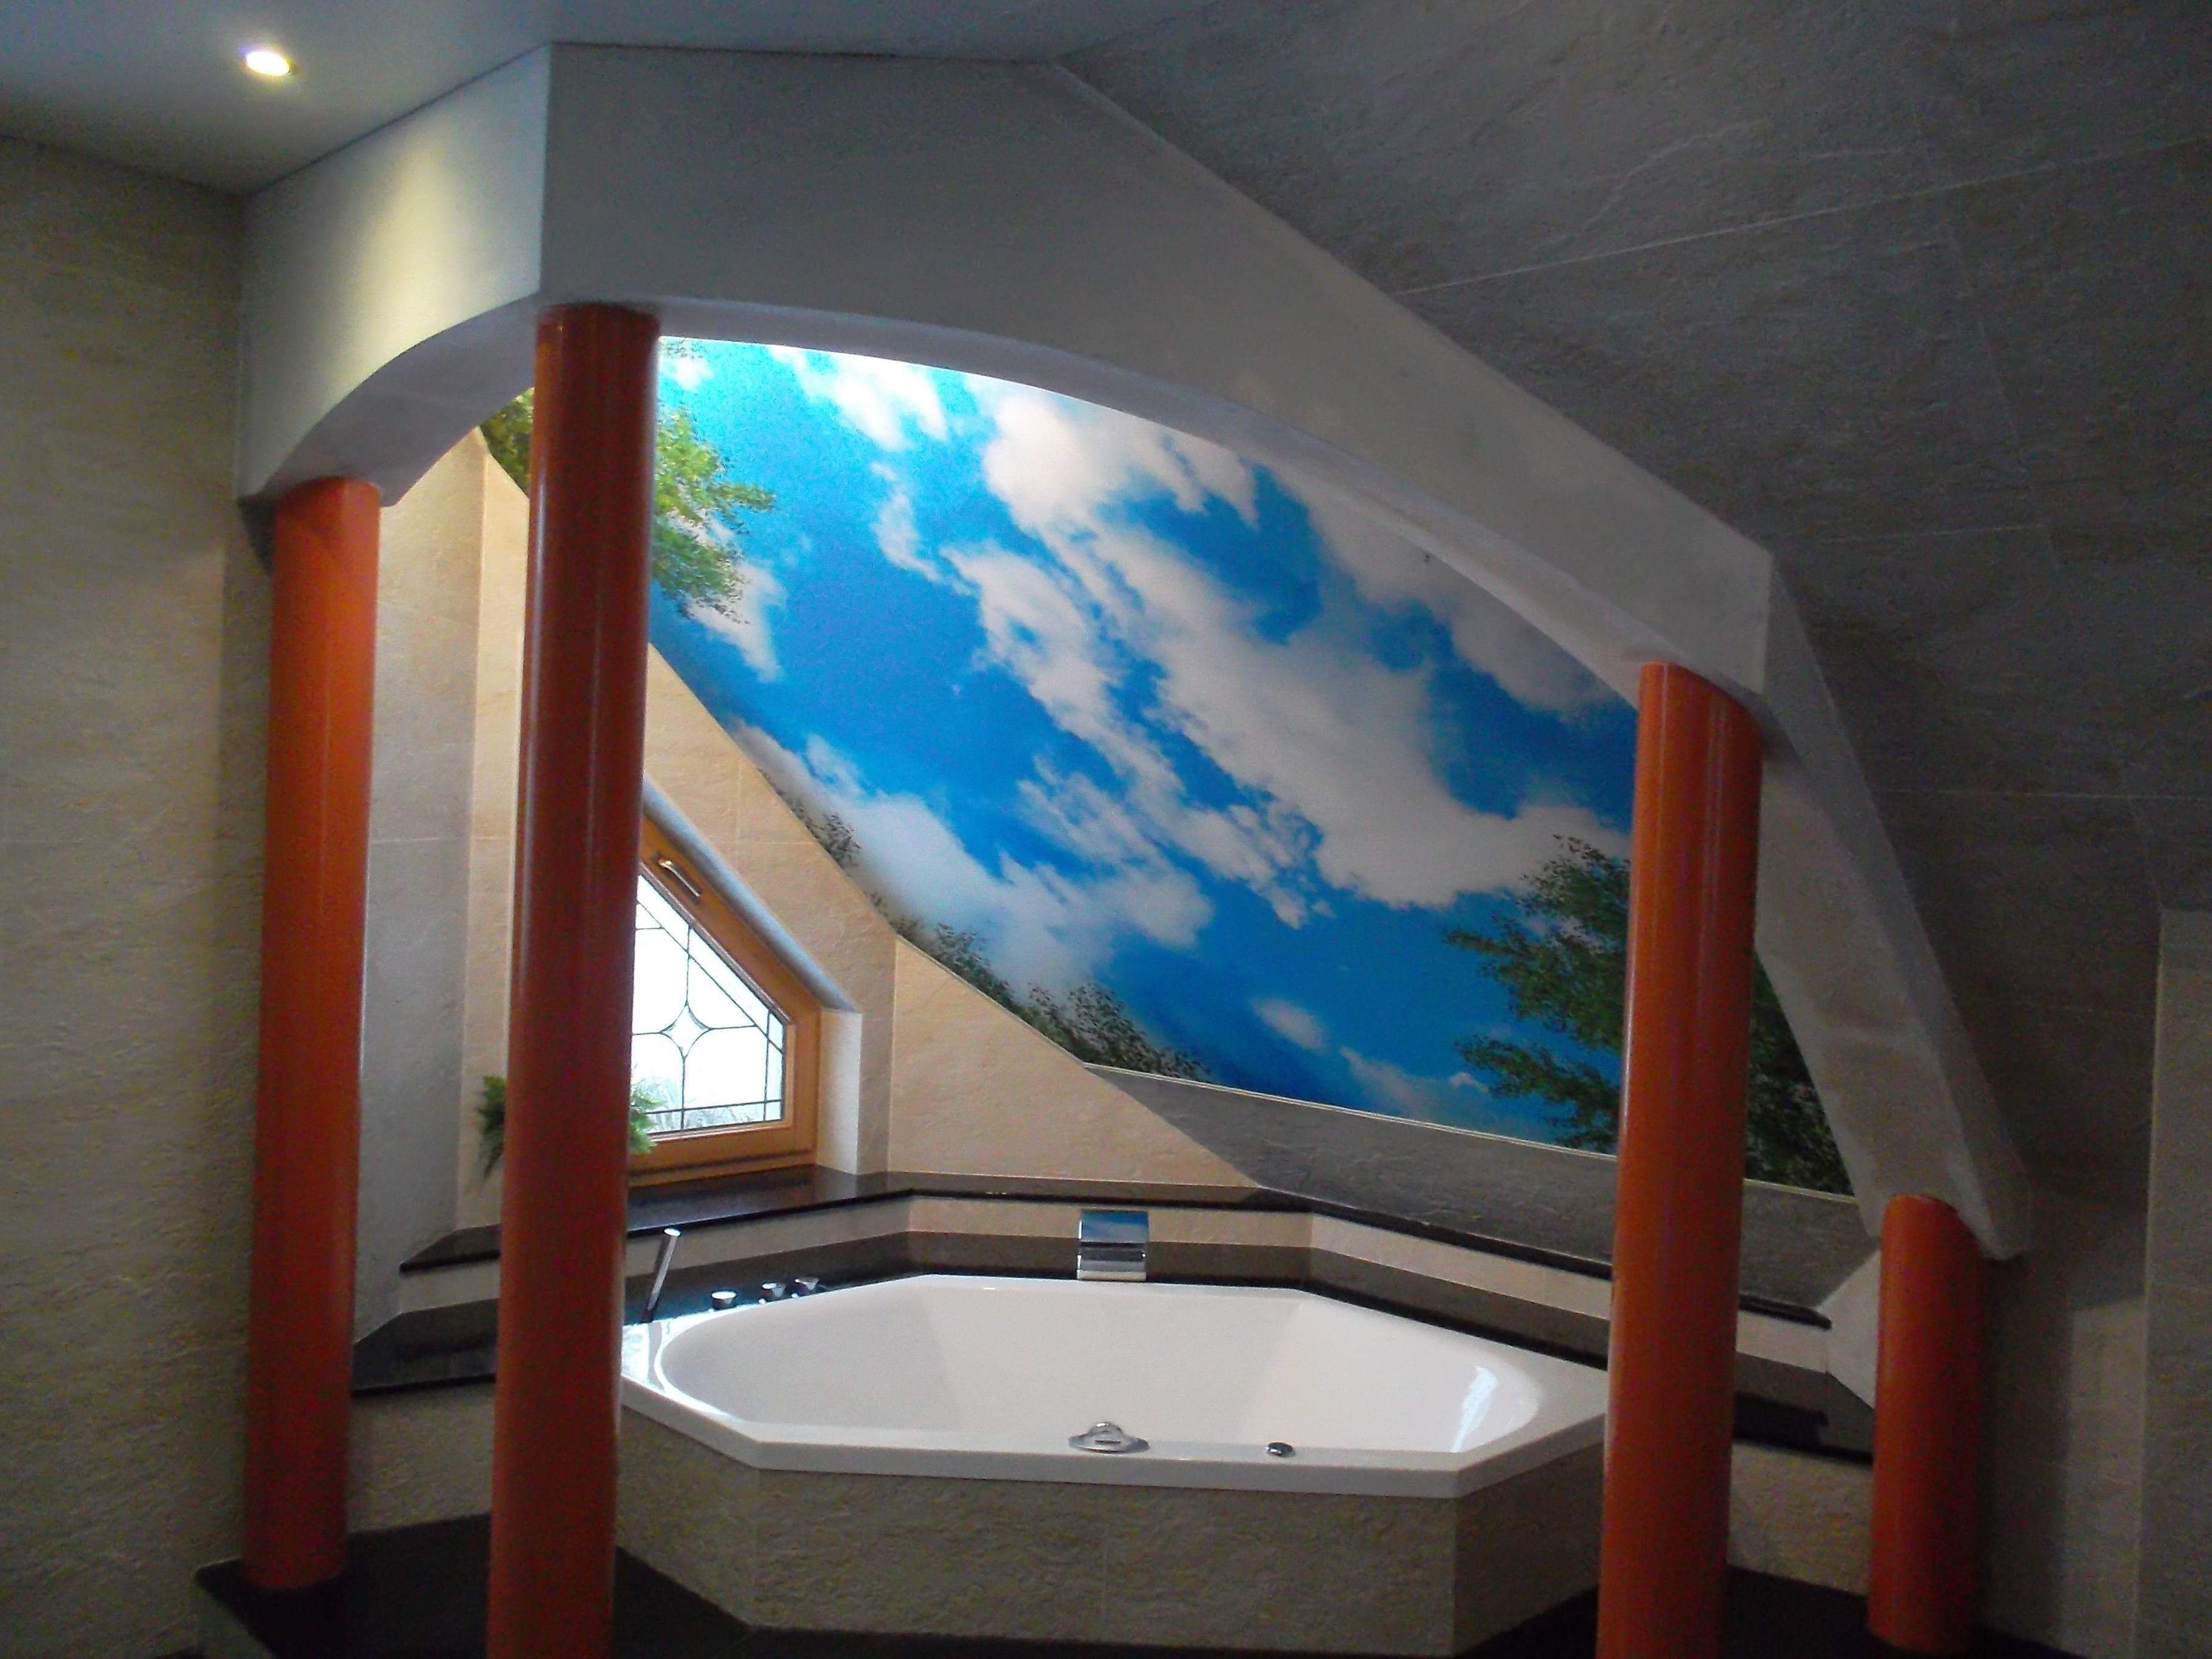 Bedruckte Spanndecke Wolken Himmel Mit Baumen Geplant Und Montiert Durch Meyer Spanndecken Beschichtungstechnik Spanndecken Deckenverkleidung Decke